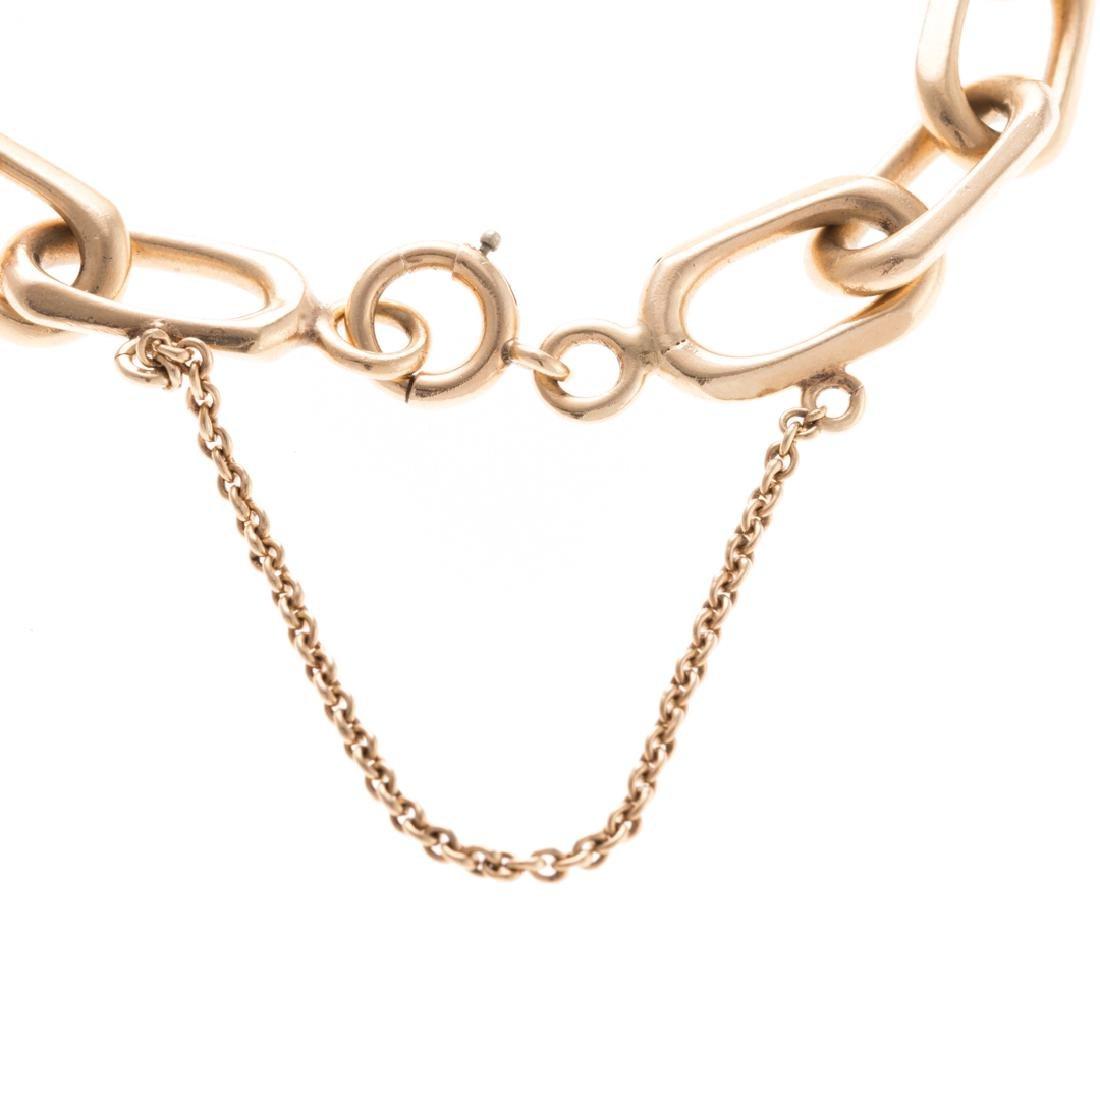 A Lady's Open Link Bracelet in 14K Gold - 3